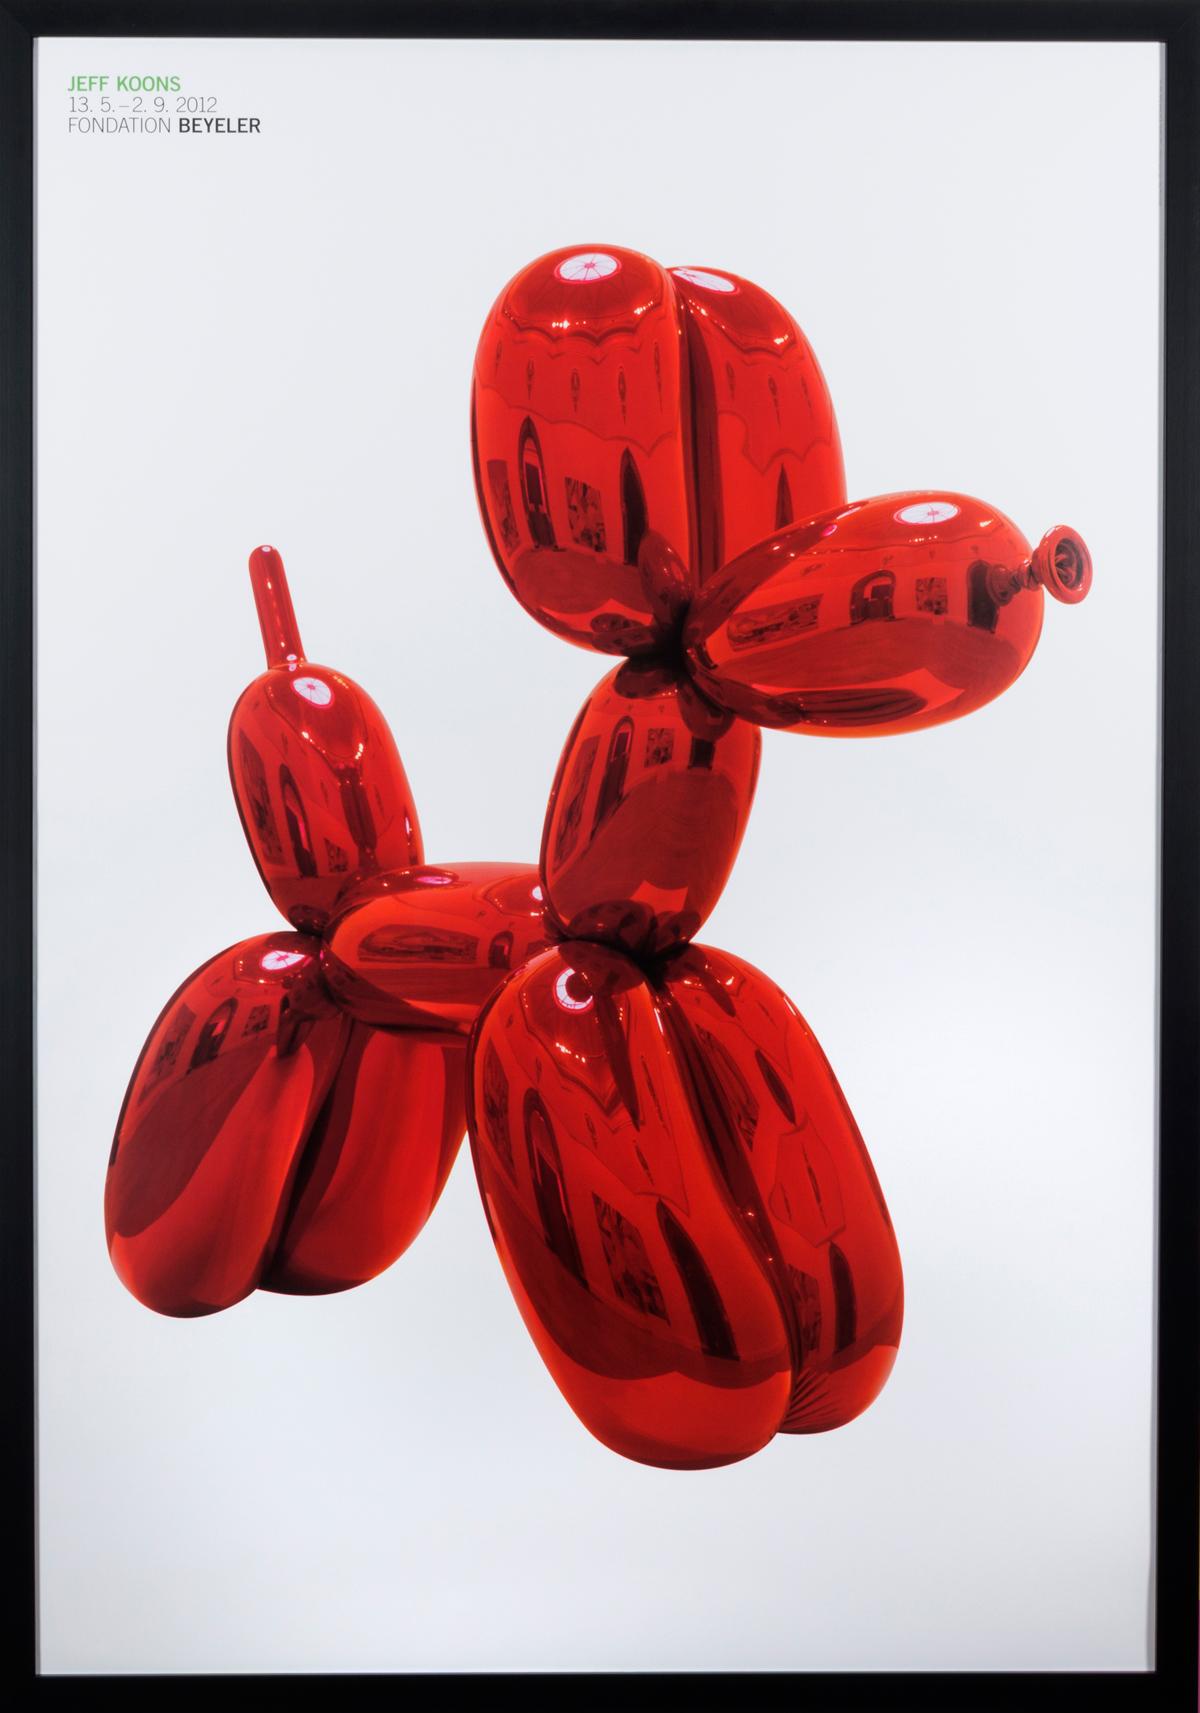 Balloon Dog in frame